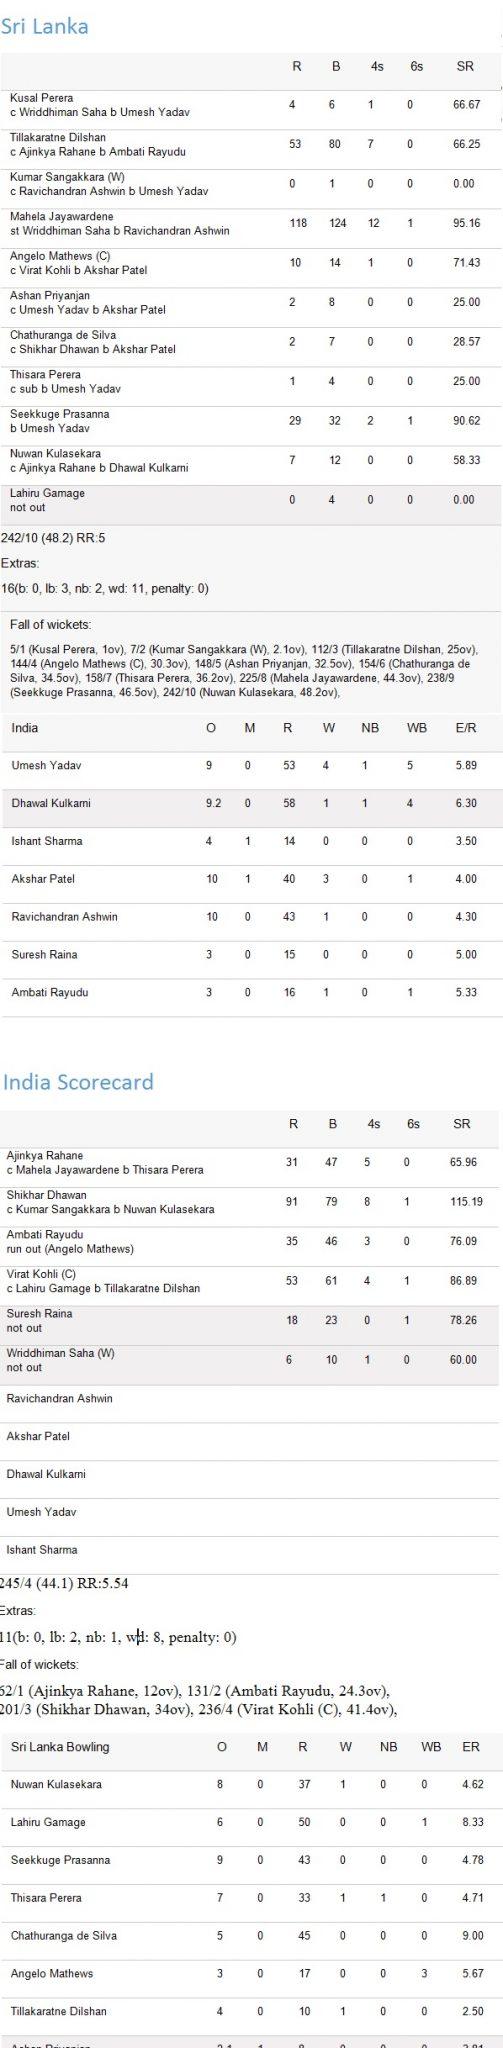 Scorecard-ind-sri-3rd-ODI